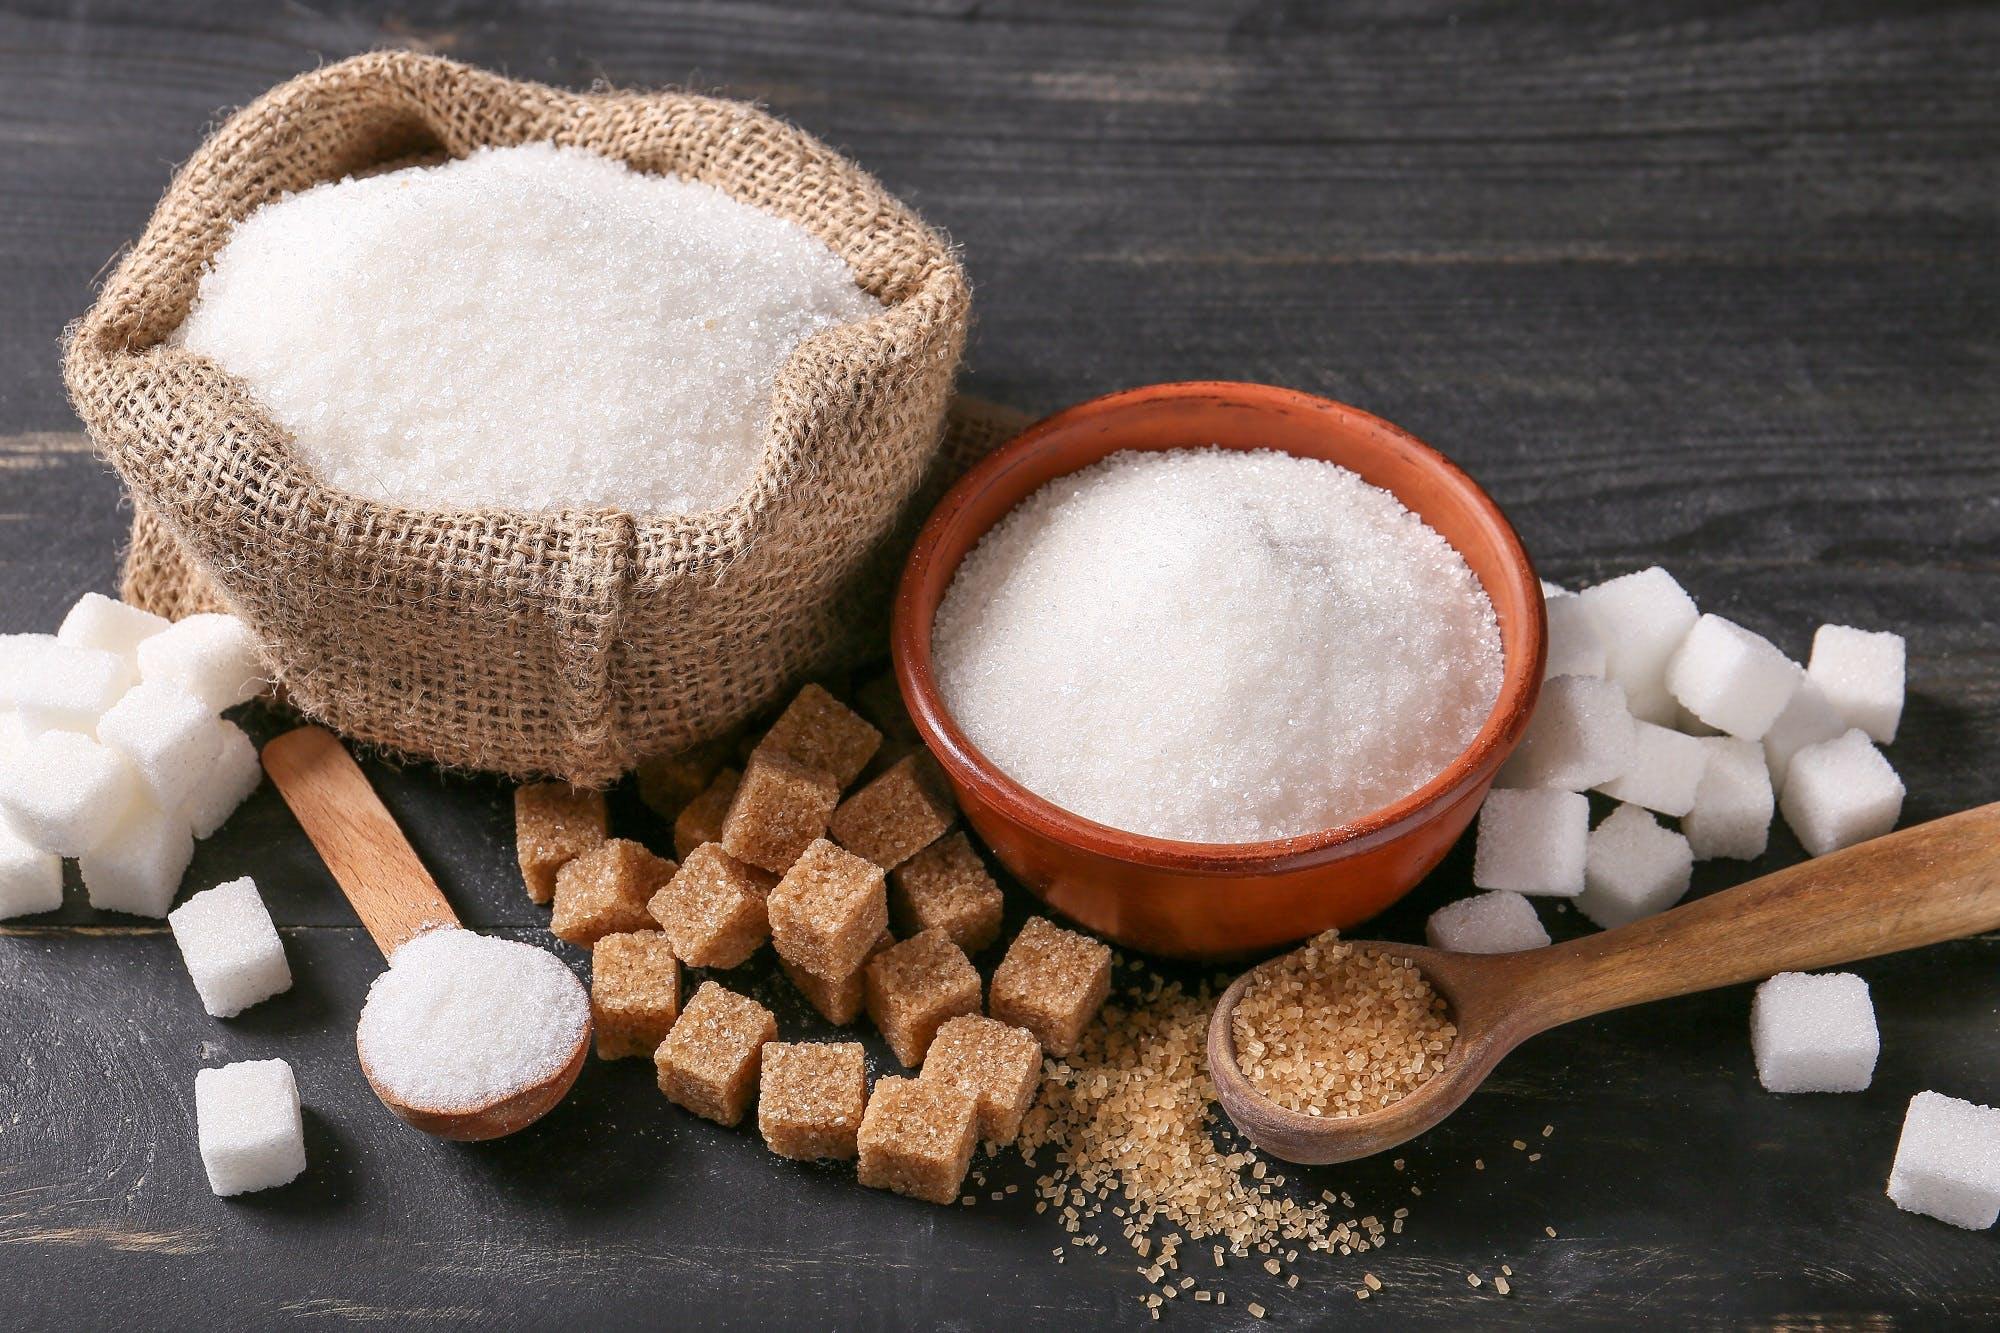 Μπορείς και χωρίς ζάχαρη!